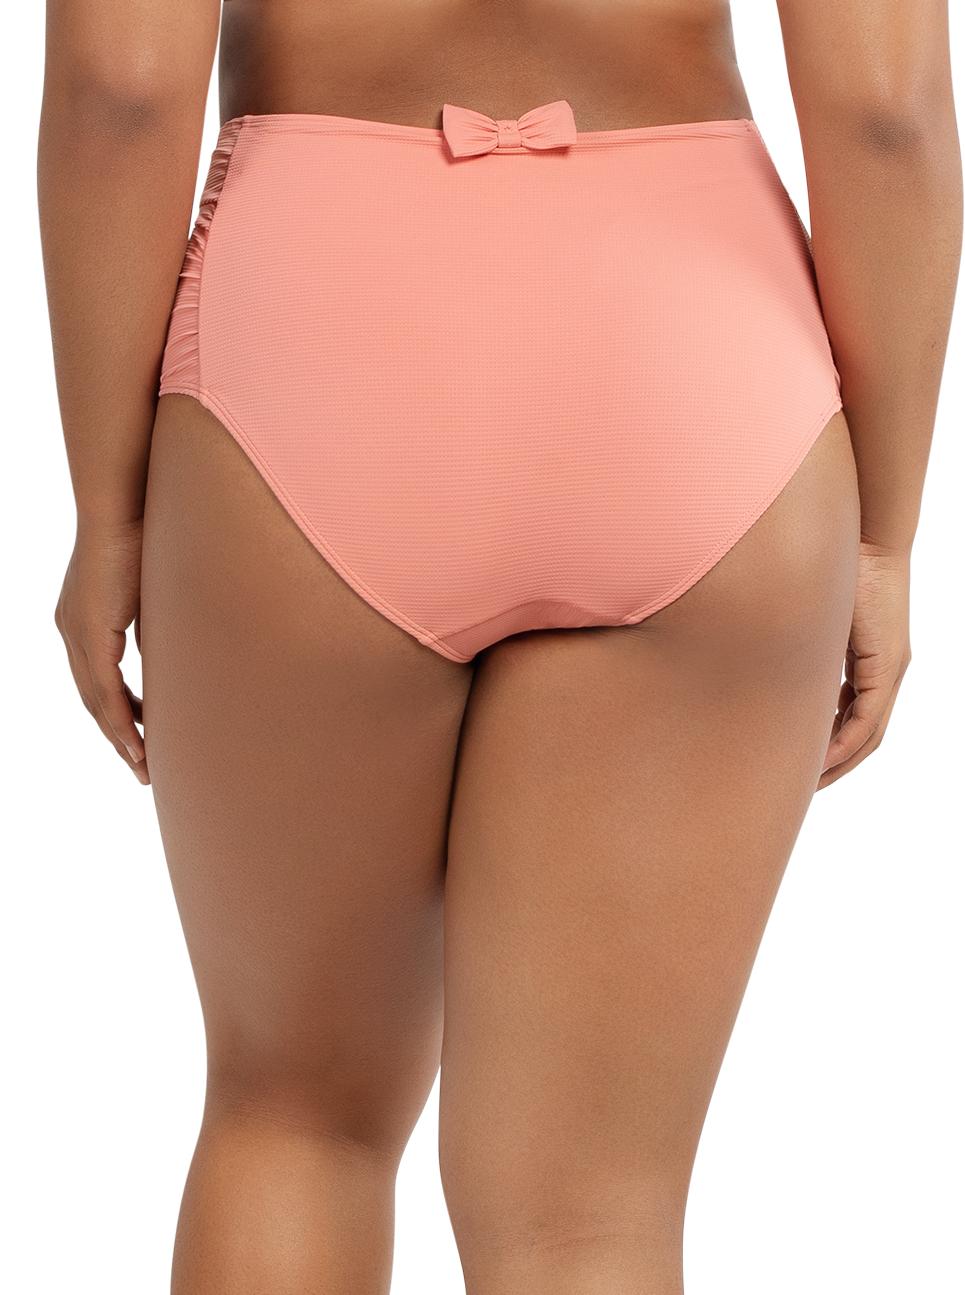 PARFAIT Vivien HighwaistedBottomS8165 PinkBlush Back - Vivien Highwaisted Bottom Pink Blush S8165